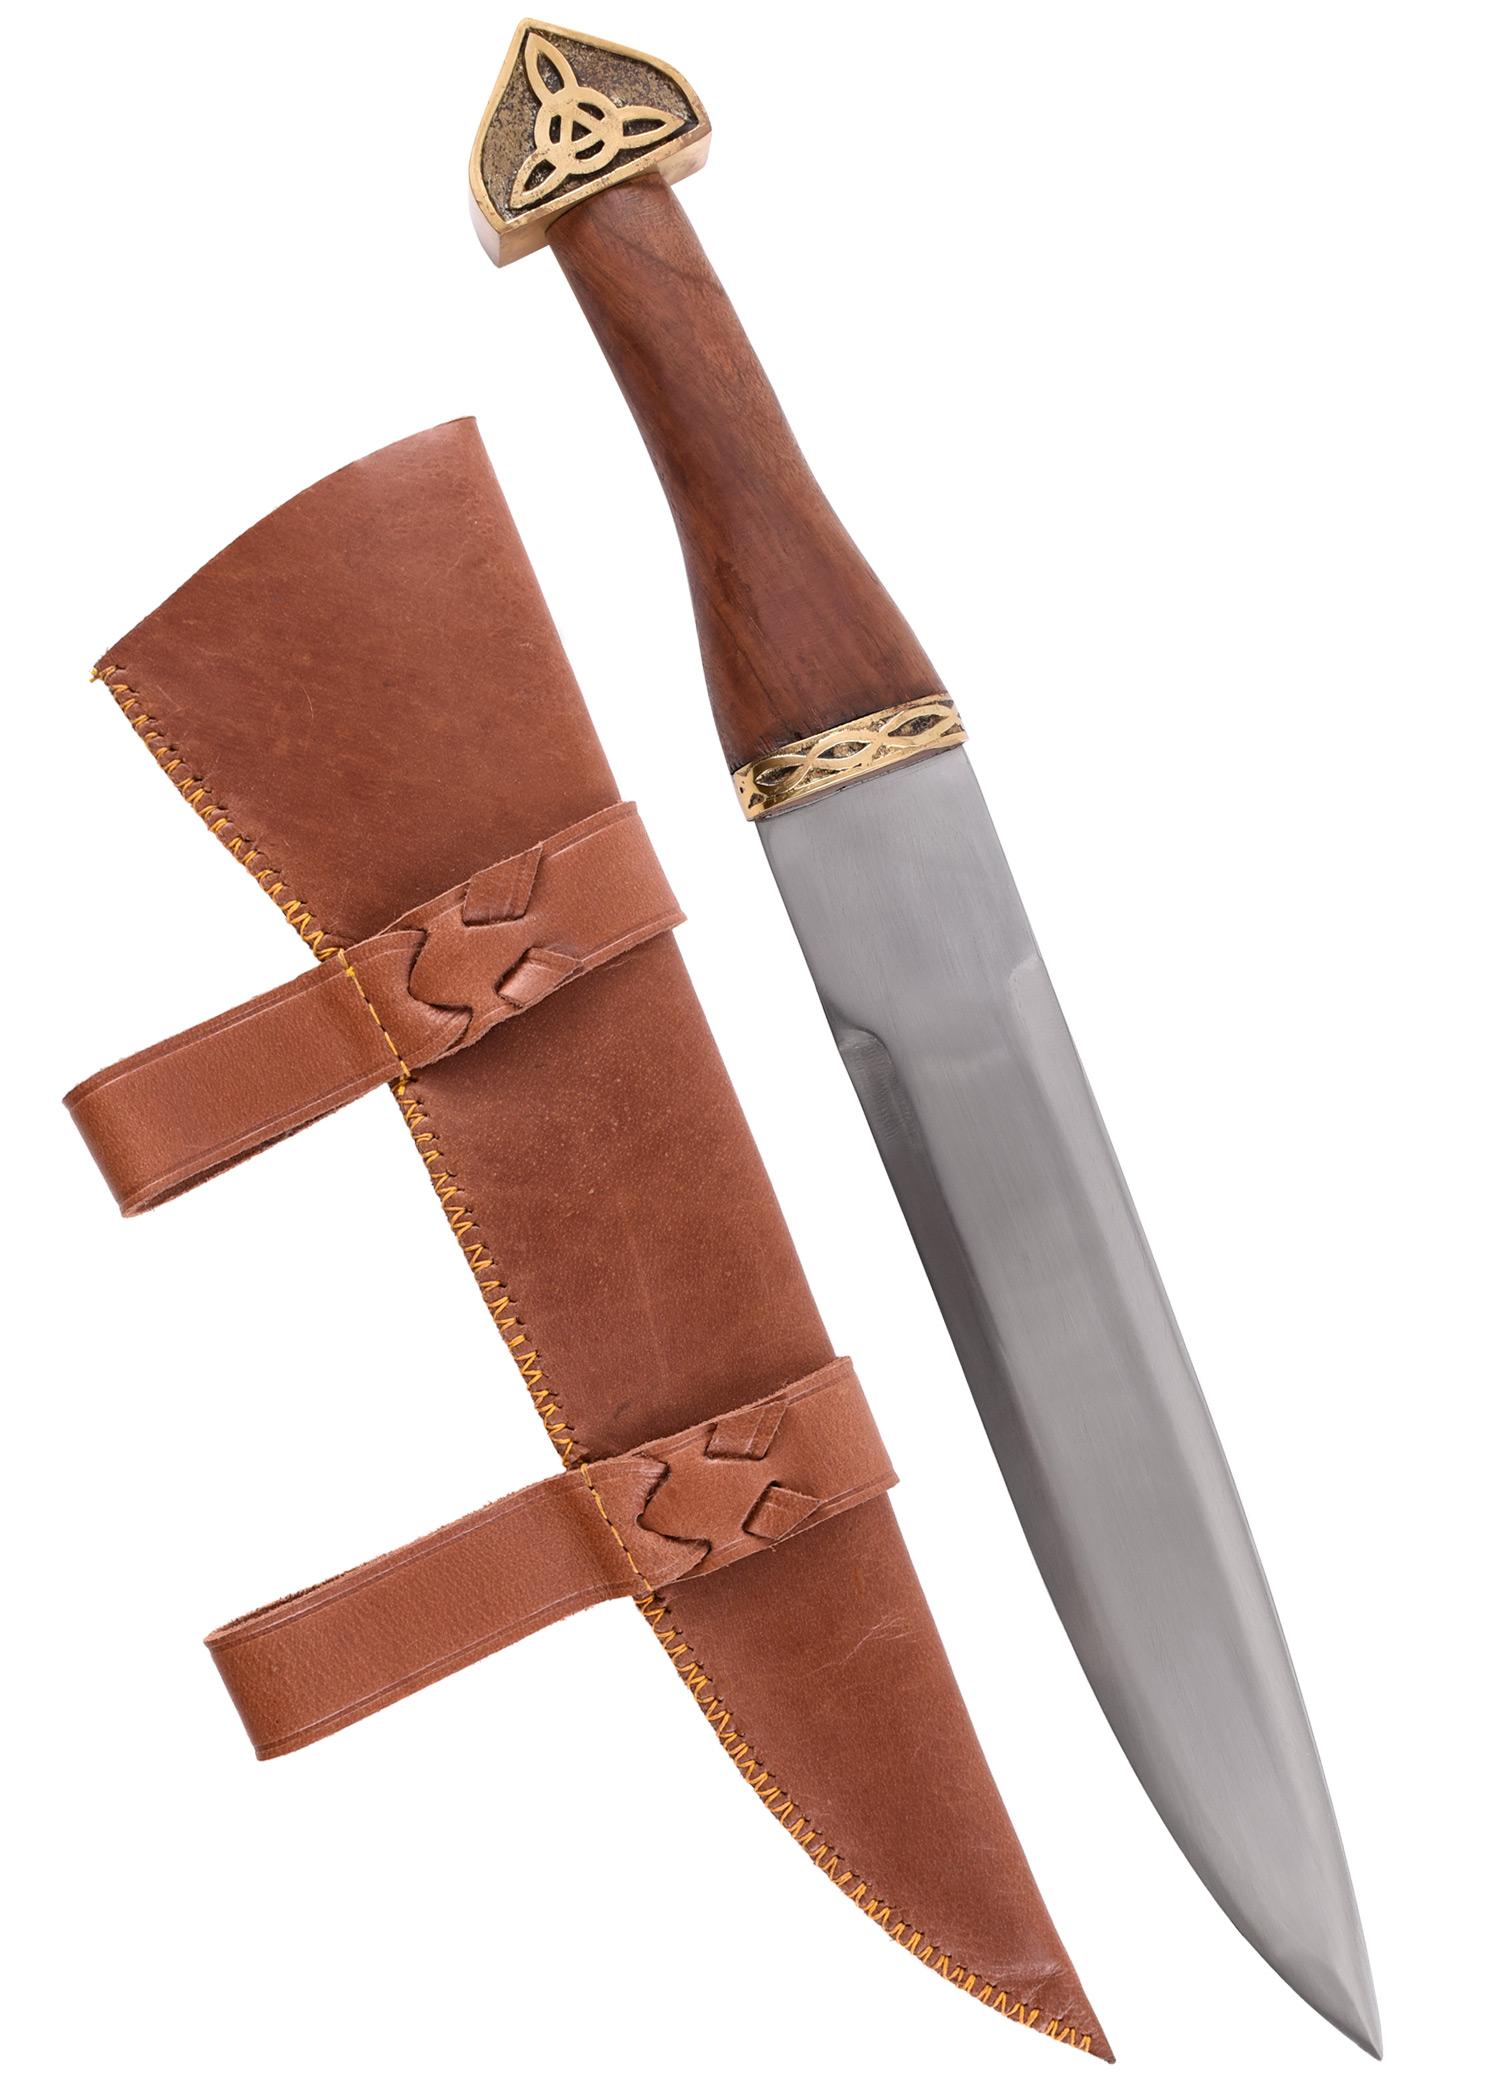 Wikinger-Sax mit brauner Lederscheide und Holzgriff